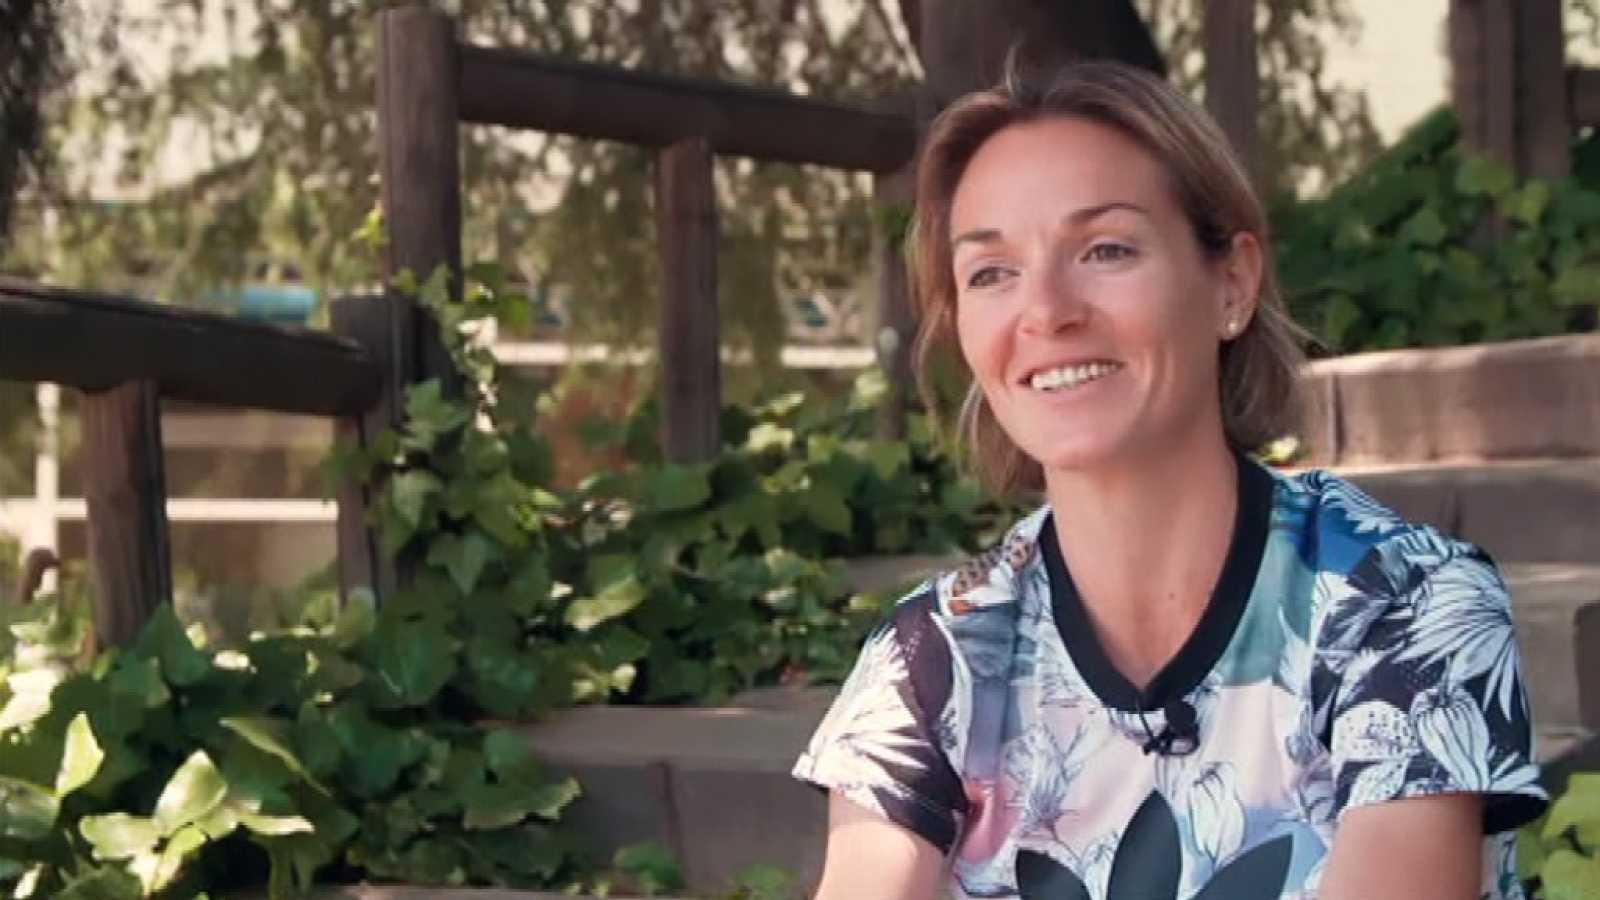 Mujer y deporte - Atletismo: Teresa Urbina - ver ahora